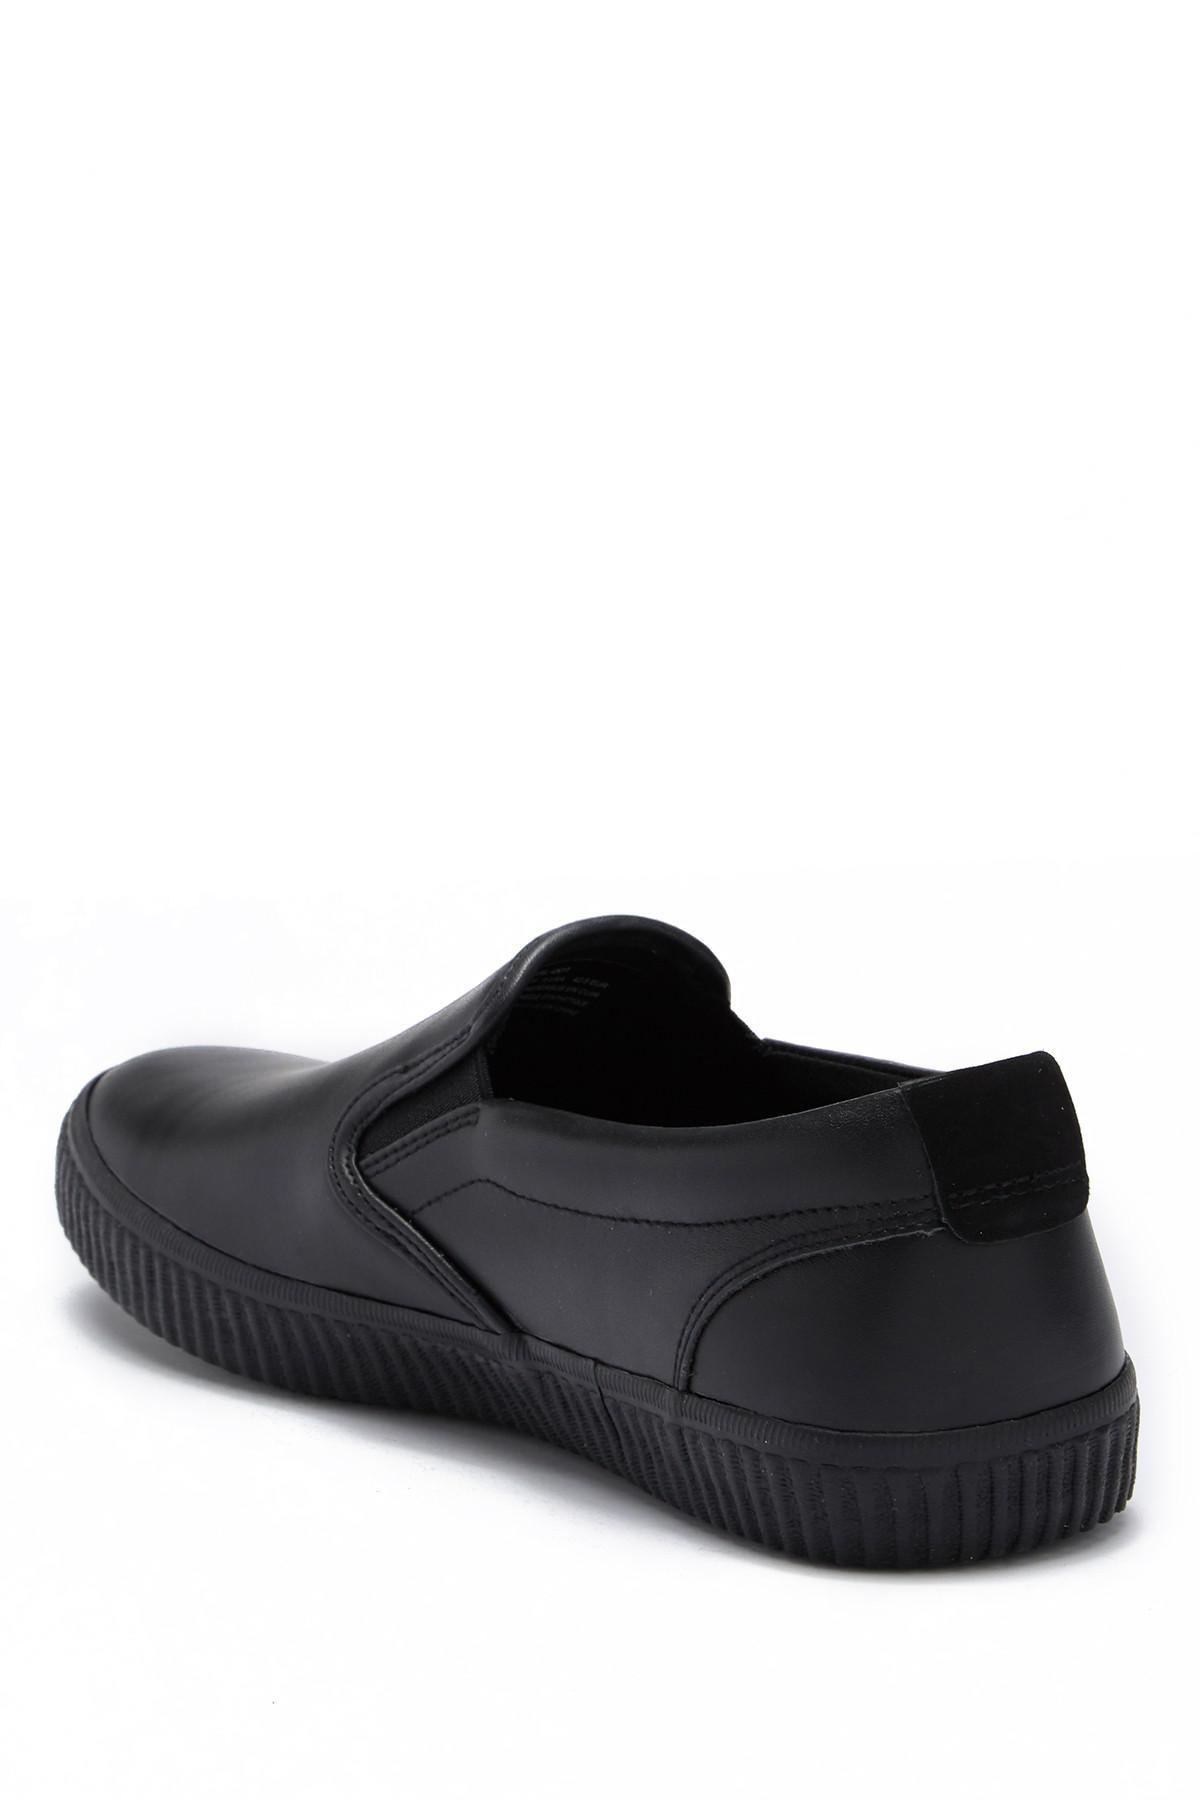 3b1359c77e70 Andrew Marc - Black Riverside Slip-on Sneaker for Men - Lyst. View  fullscreen